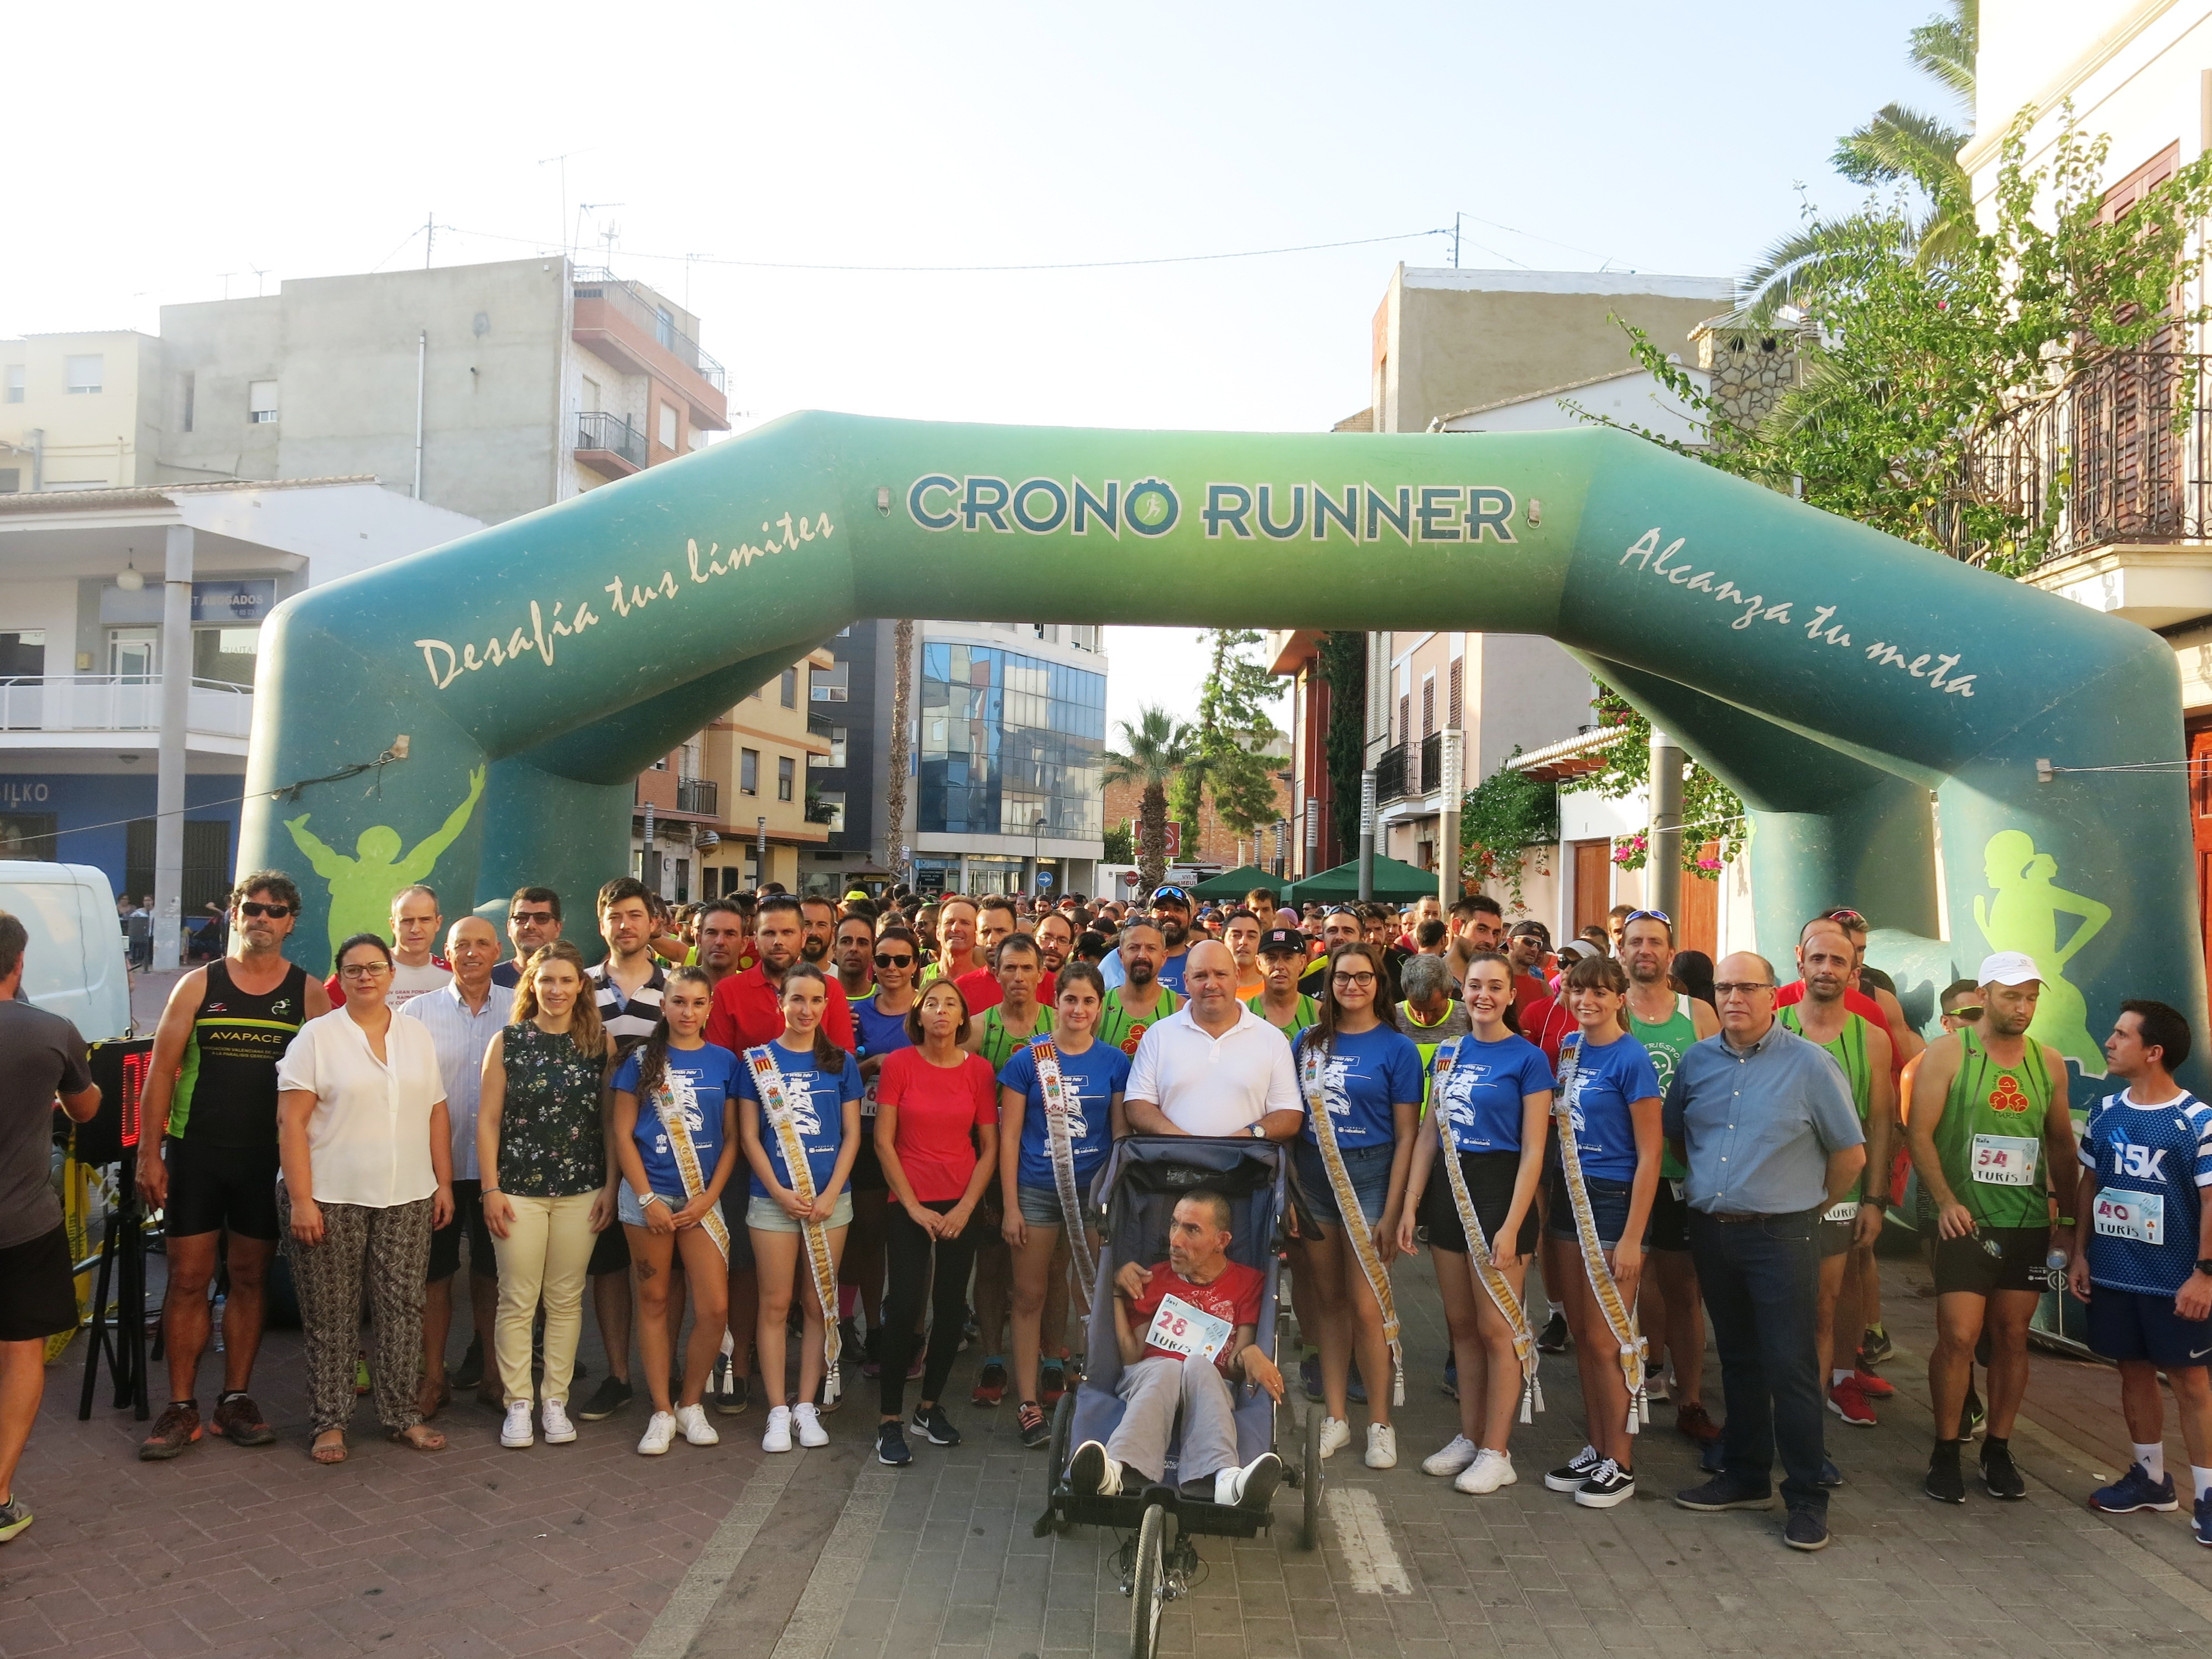 Alrededor de mil corredores y corredoras participaron en una tarde realmente calurosa en la que predominó el buen ambiente.